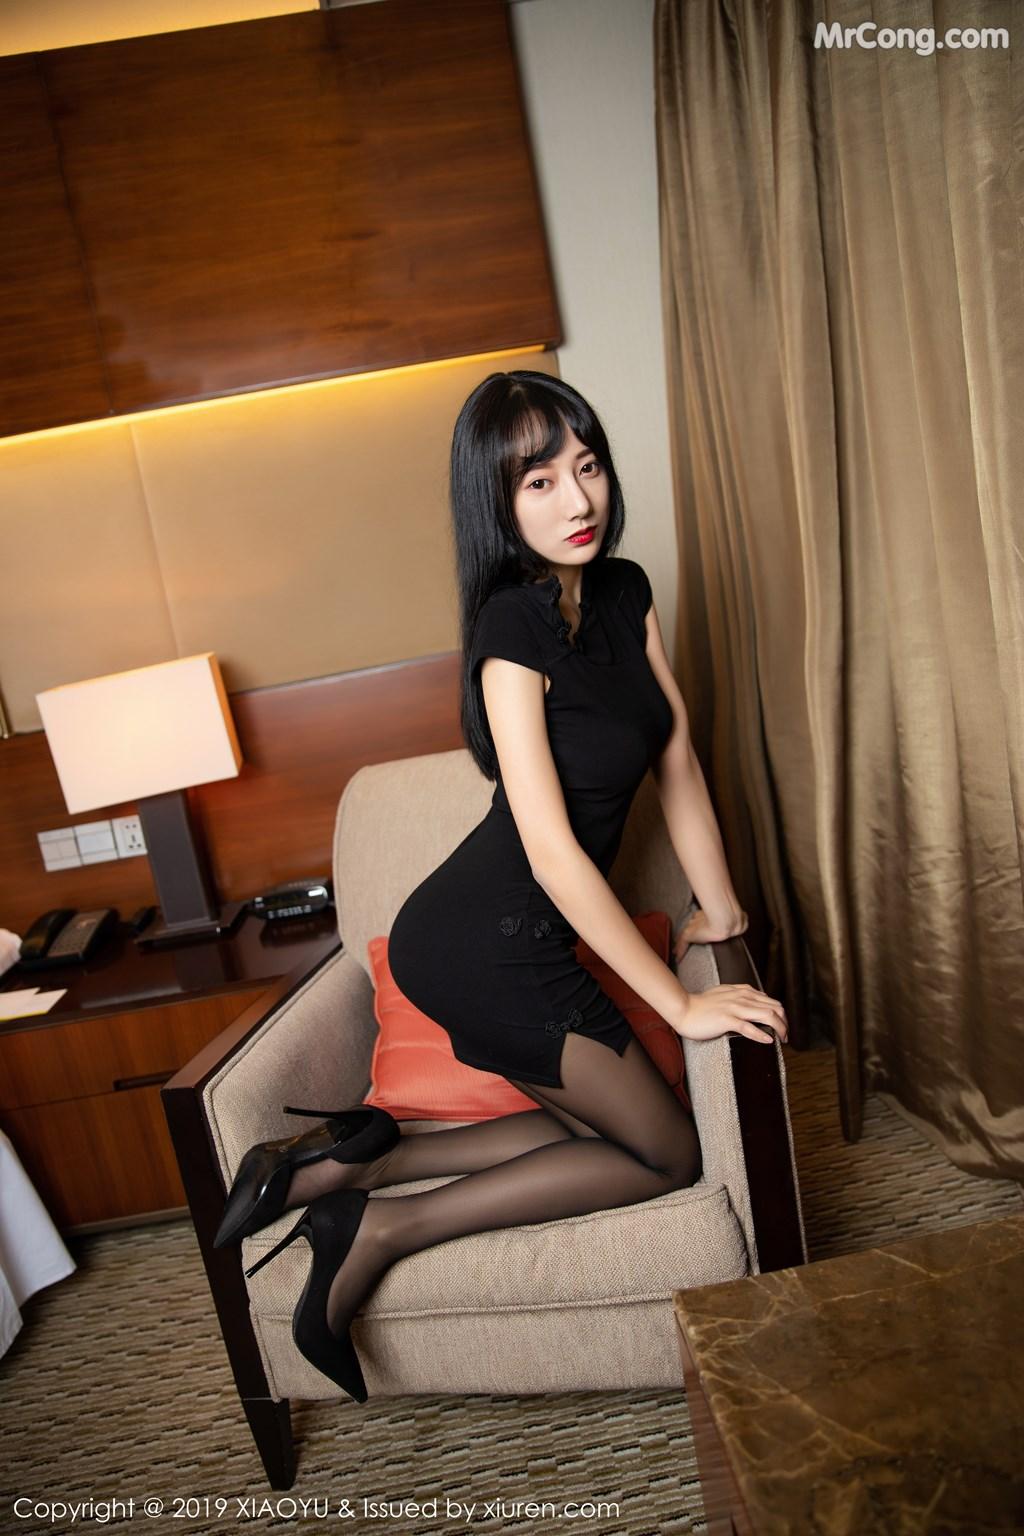 Image XiaoYu-Vol.145-He-Jia-Ying-MrCong.com-047 in post XiaoYu Vol.145: He Jia Ying (何嘉颖) (68 ảnh)